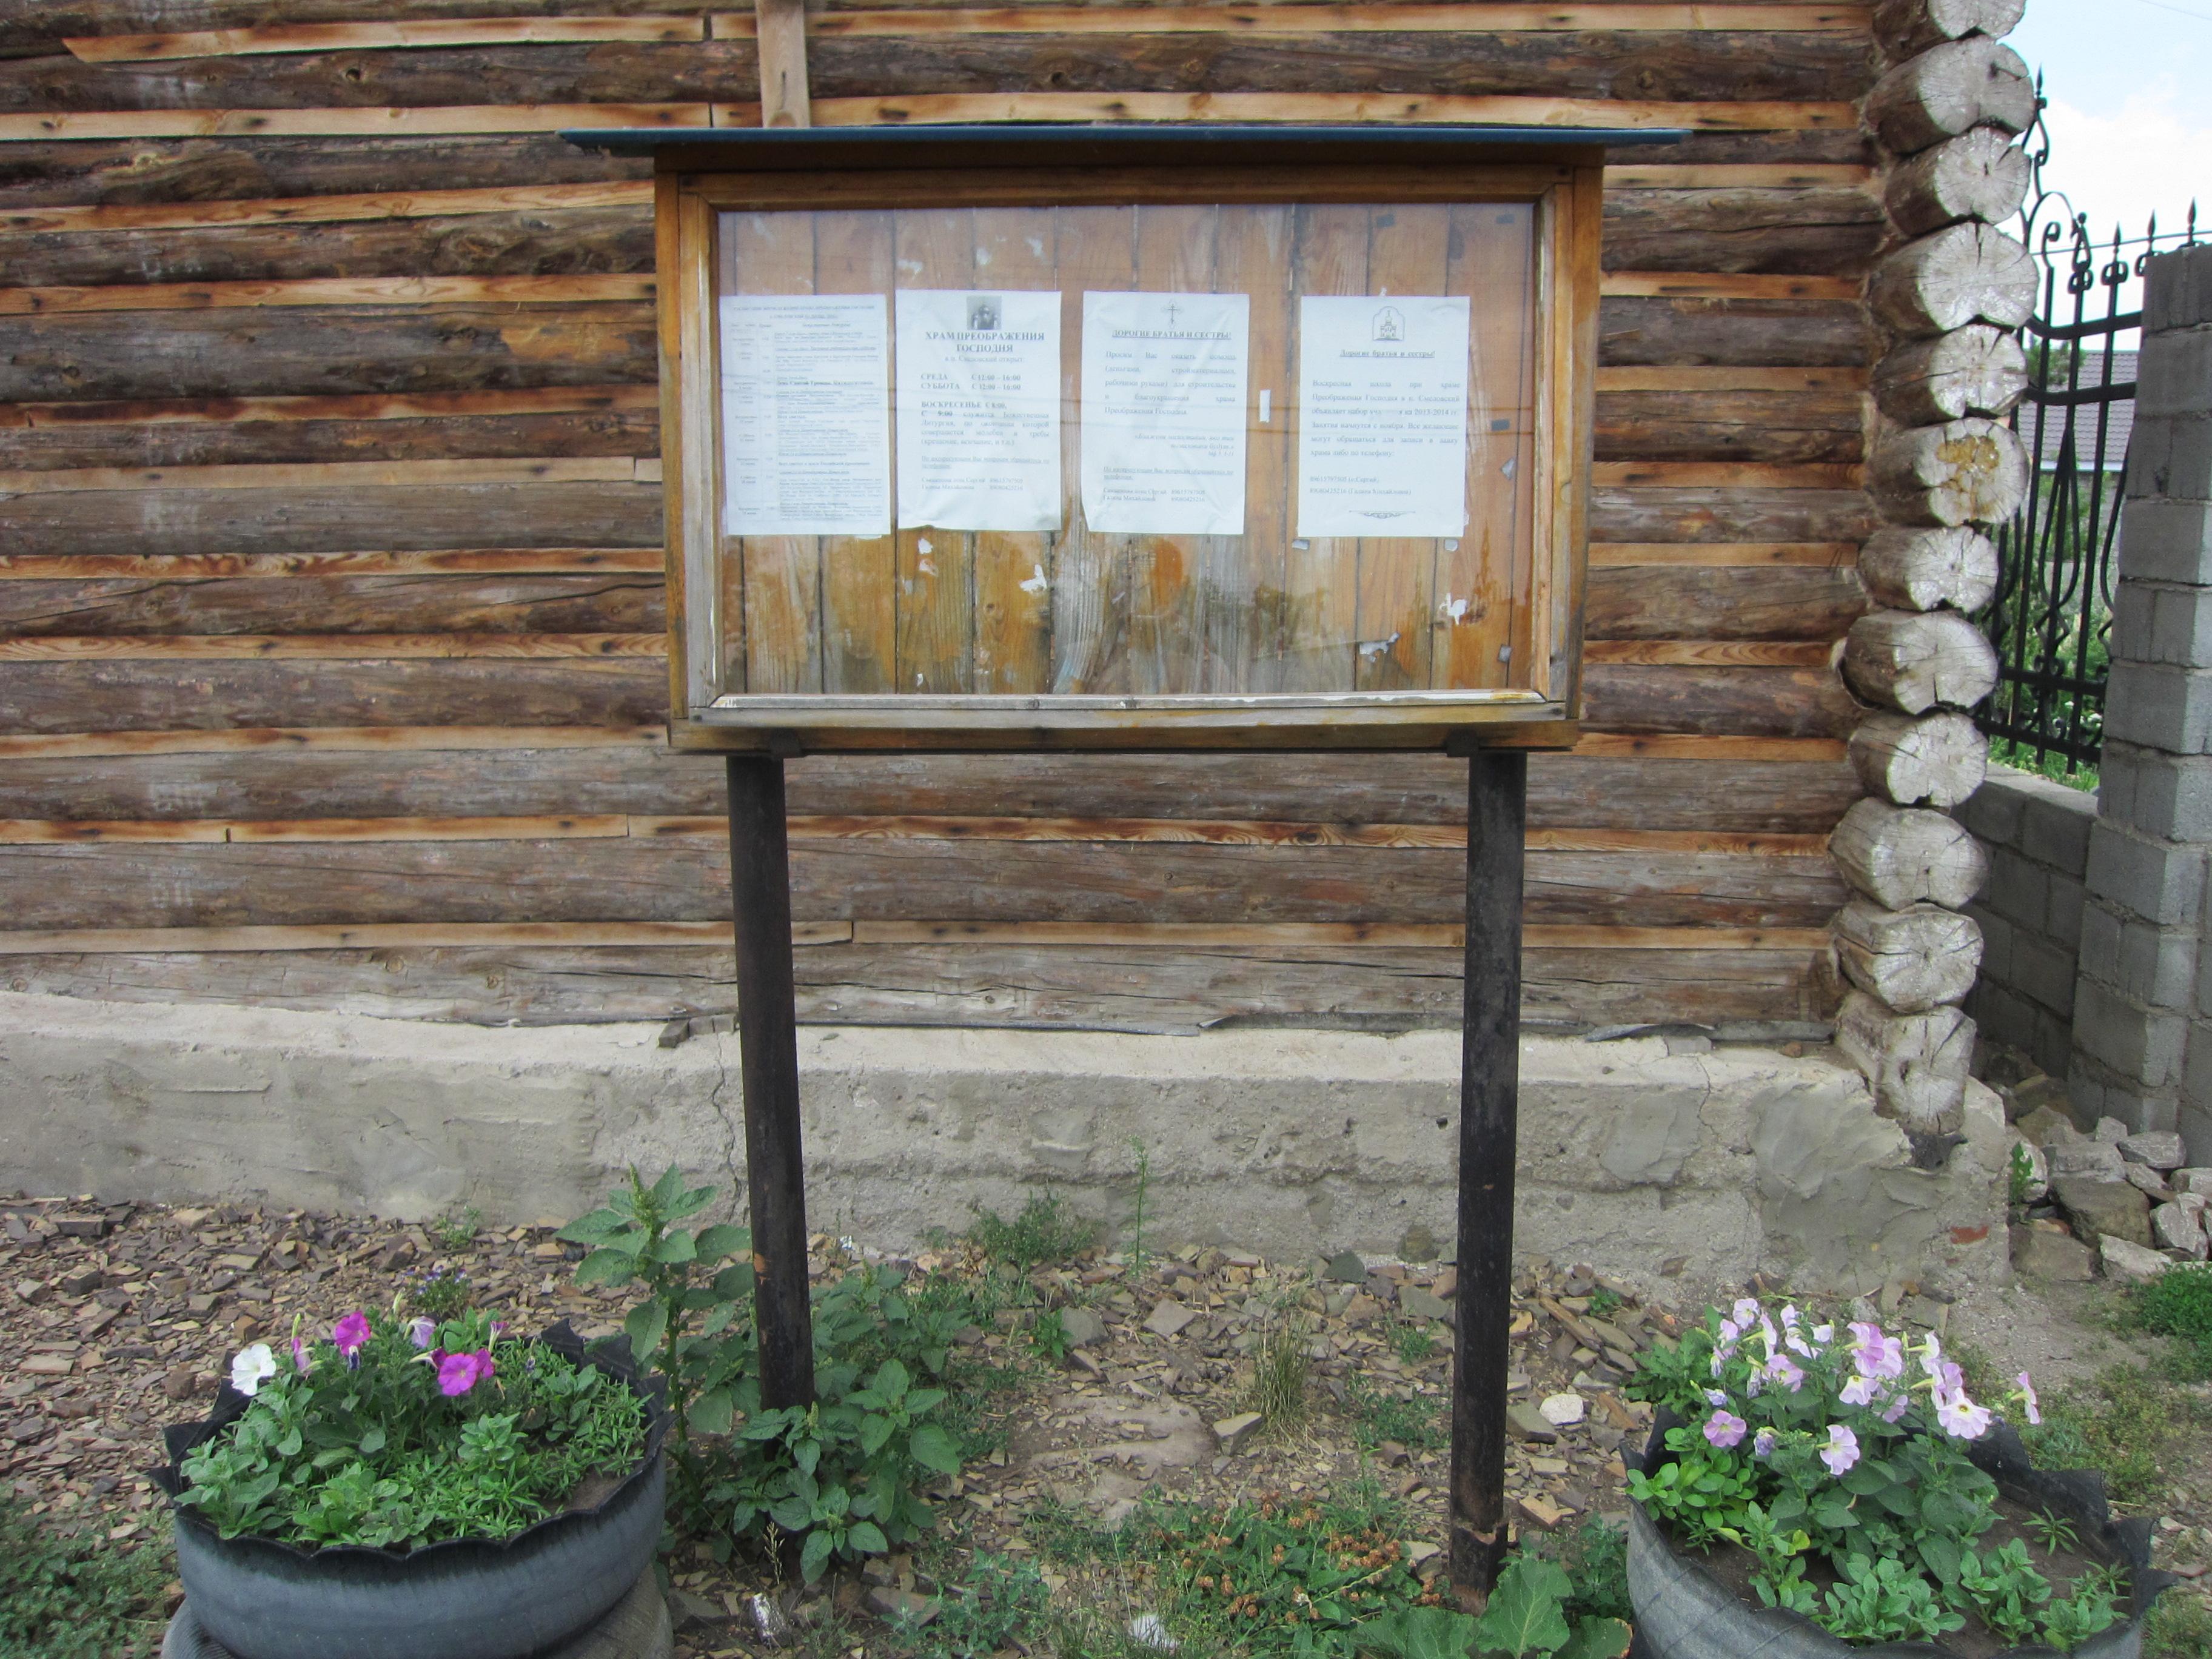 Уютная деревенская зарисовка - деревянный сруб, цветы в клумбах... (09.07.2014)